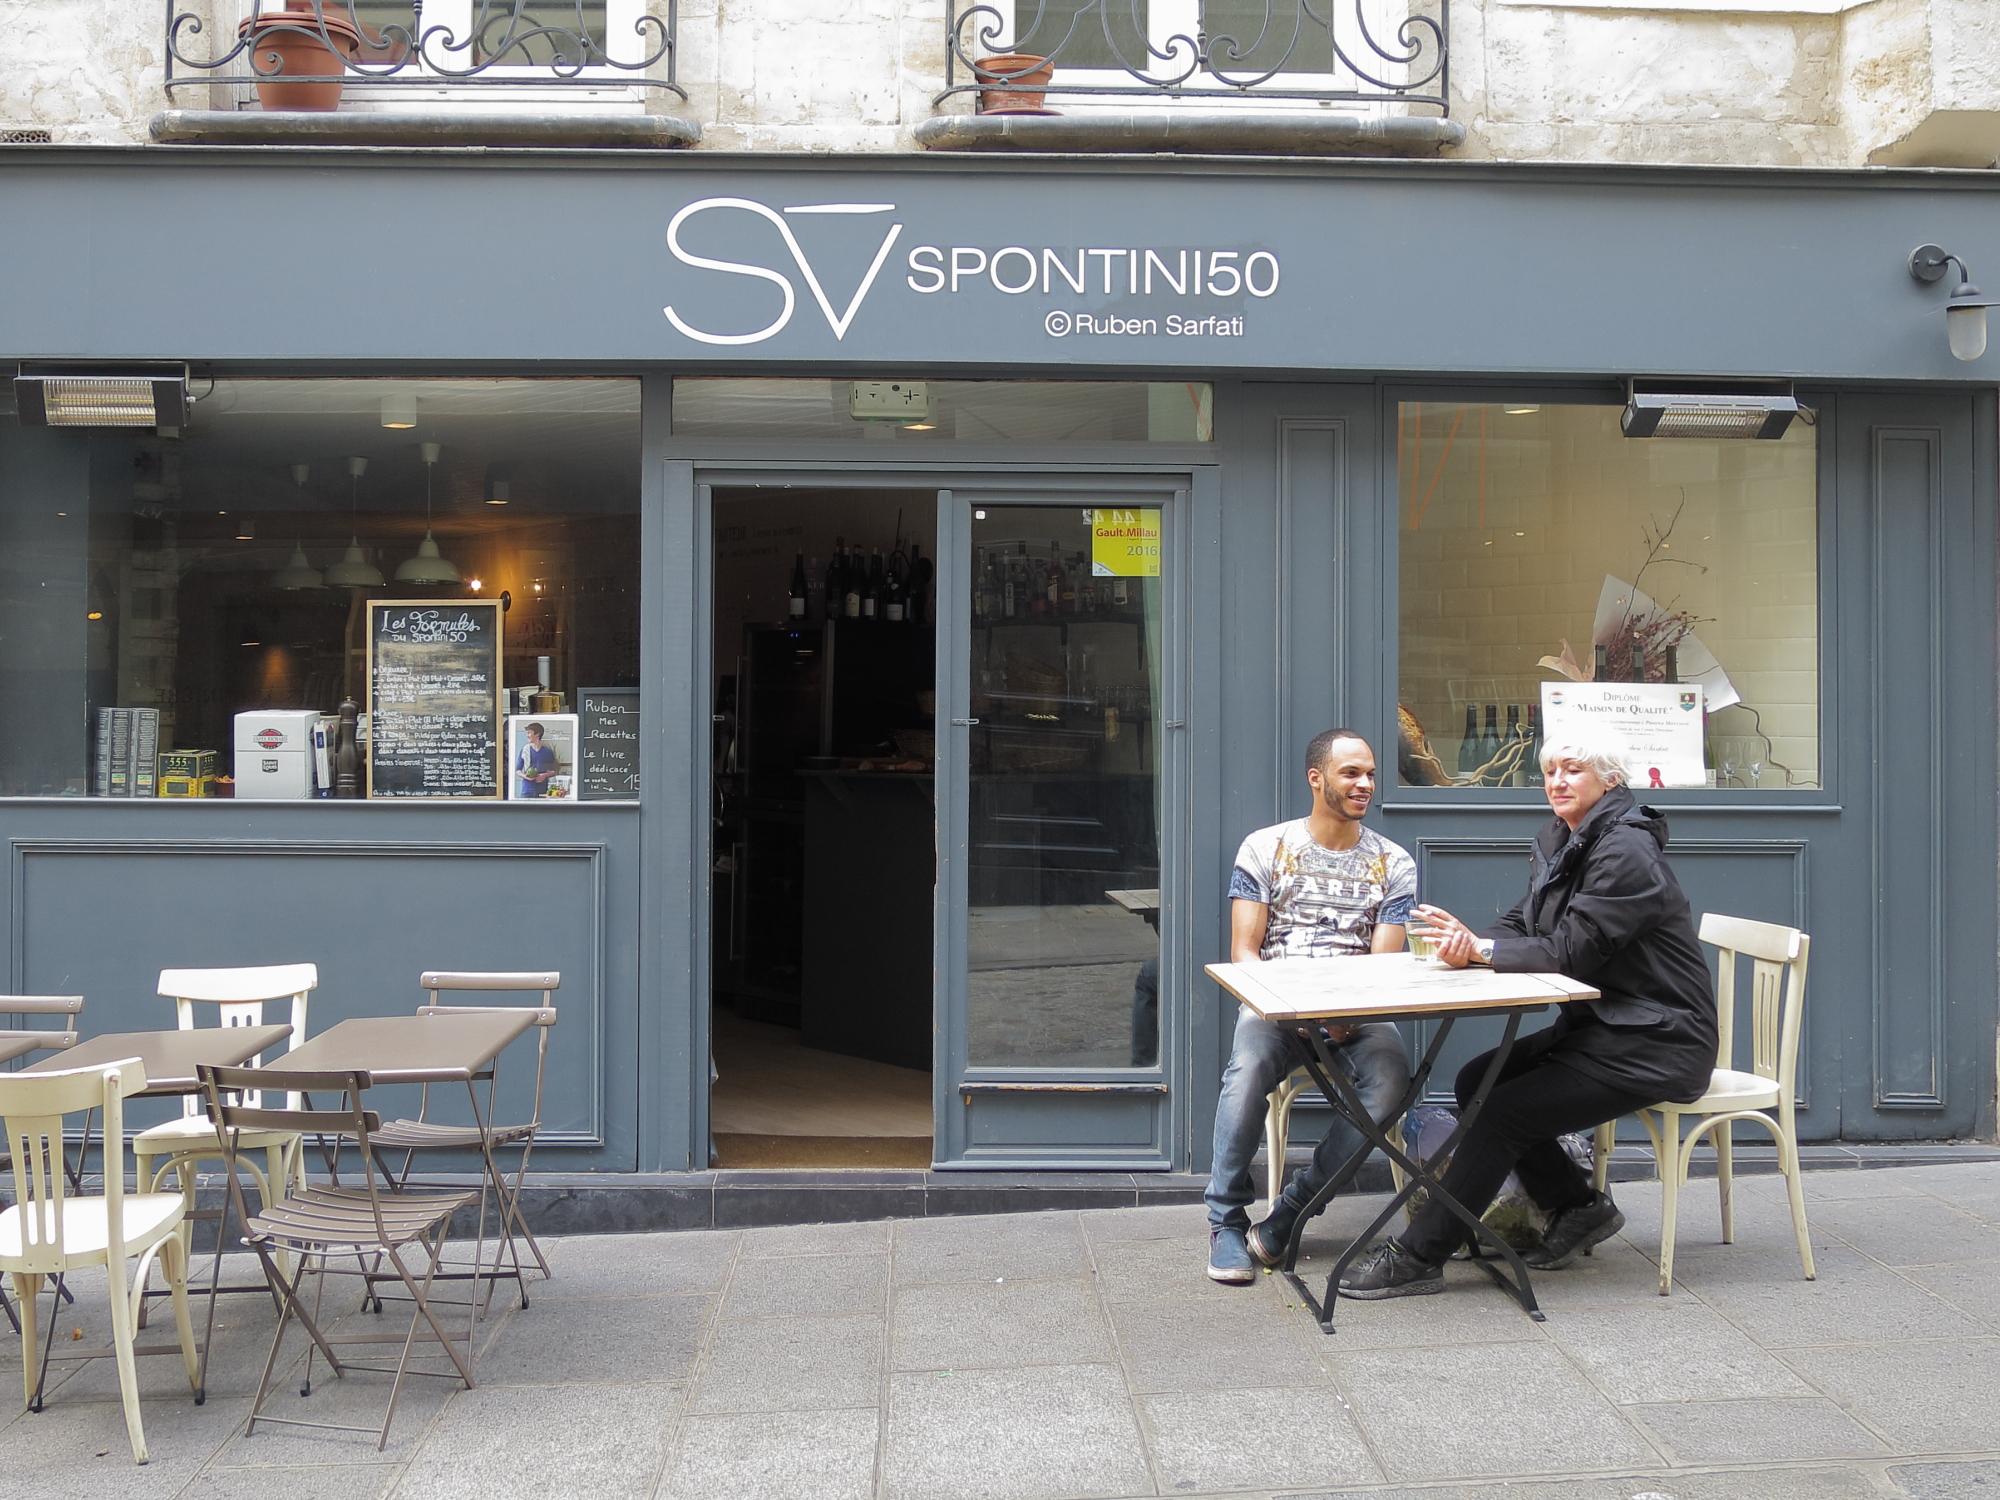 Spontini50 on rue des Petits Carreaux in the Village Montorgueil